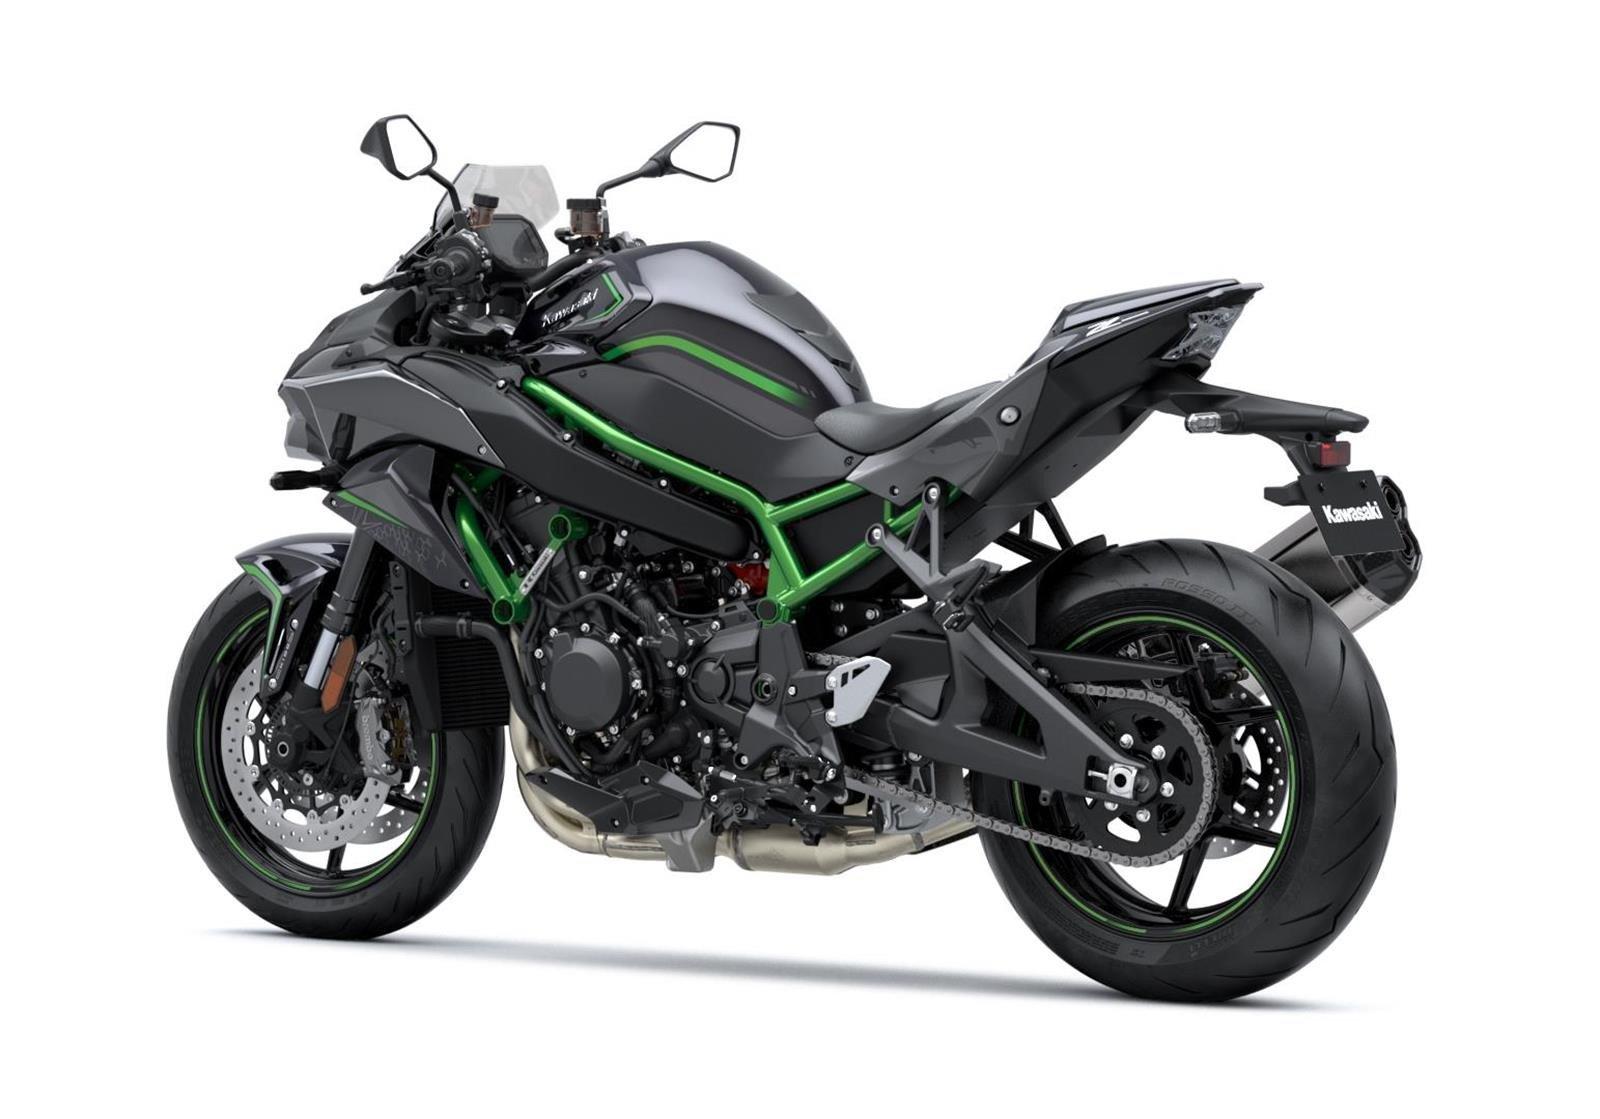 New 2020 Kawasaki Z-H2 (Green) Performance**SAVE £800